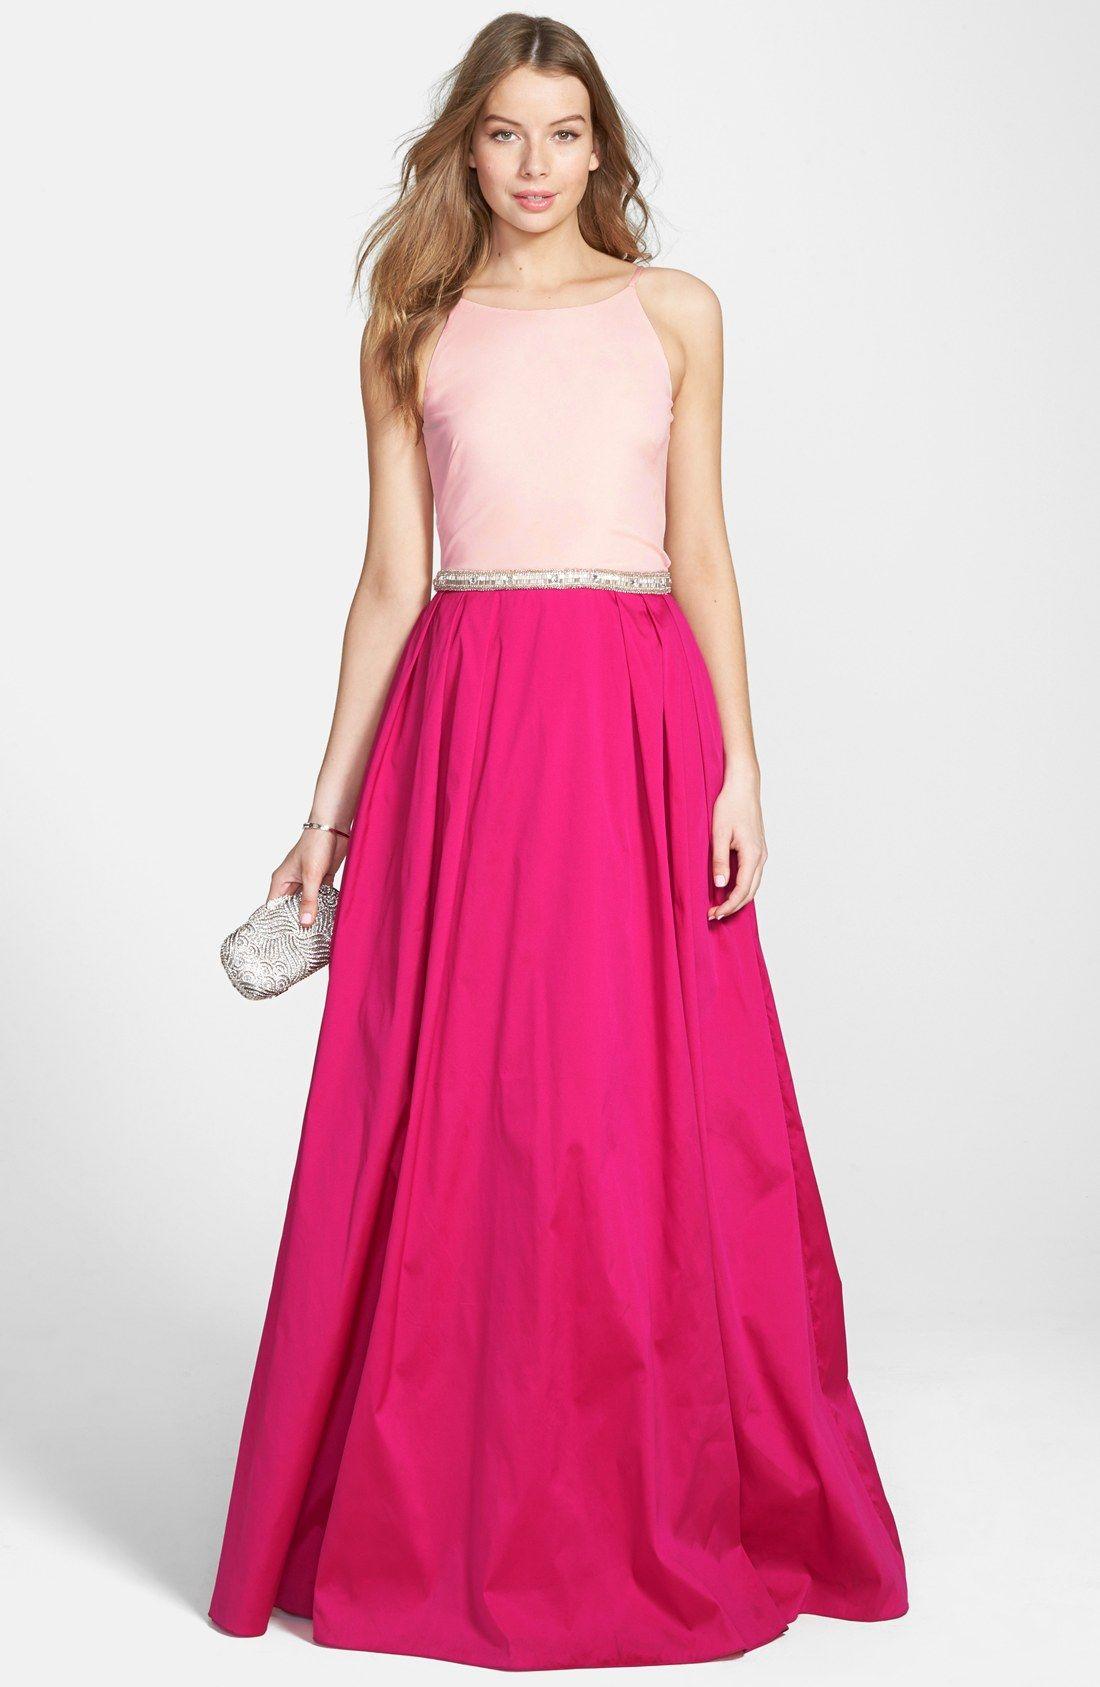 Tips para poder usar un vestido rosa en tu graduación | Pinterest ...